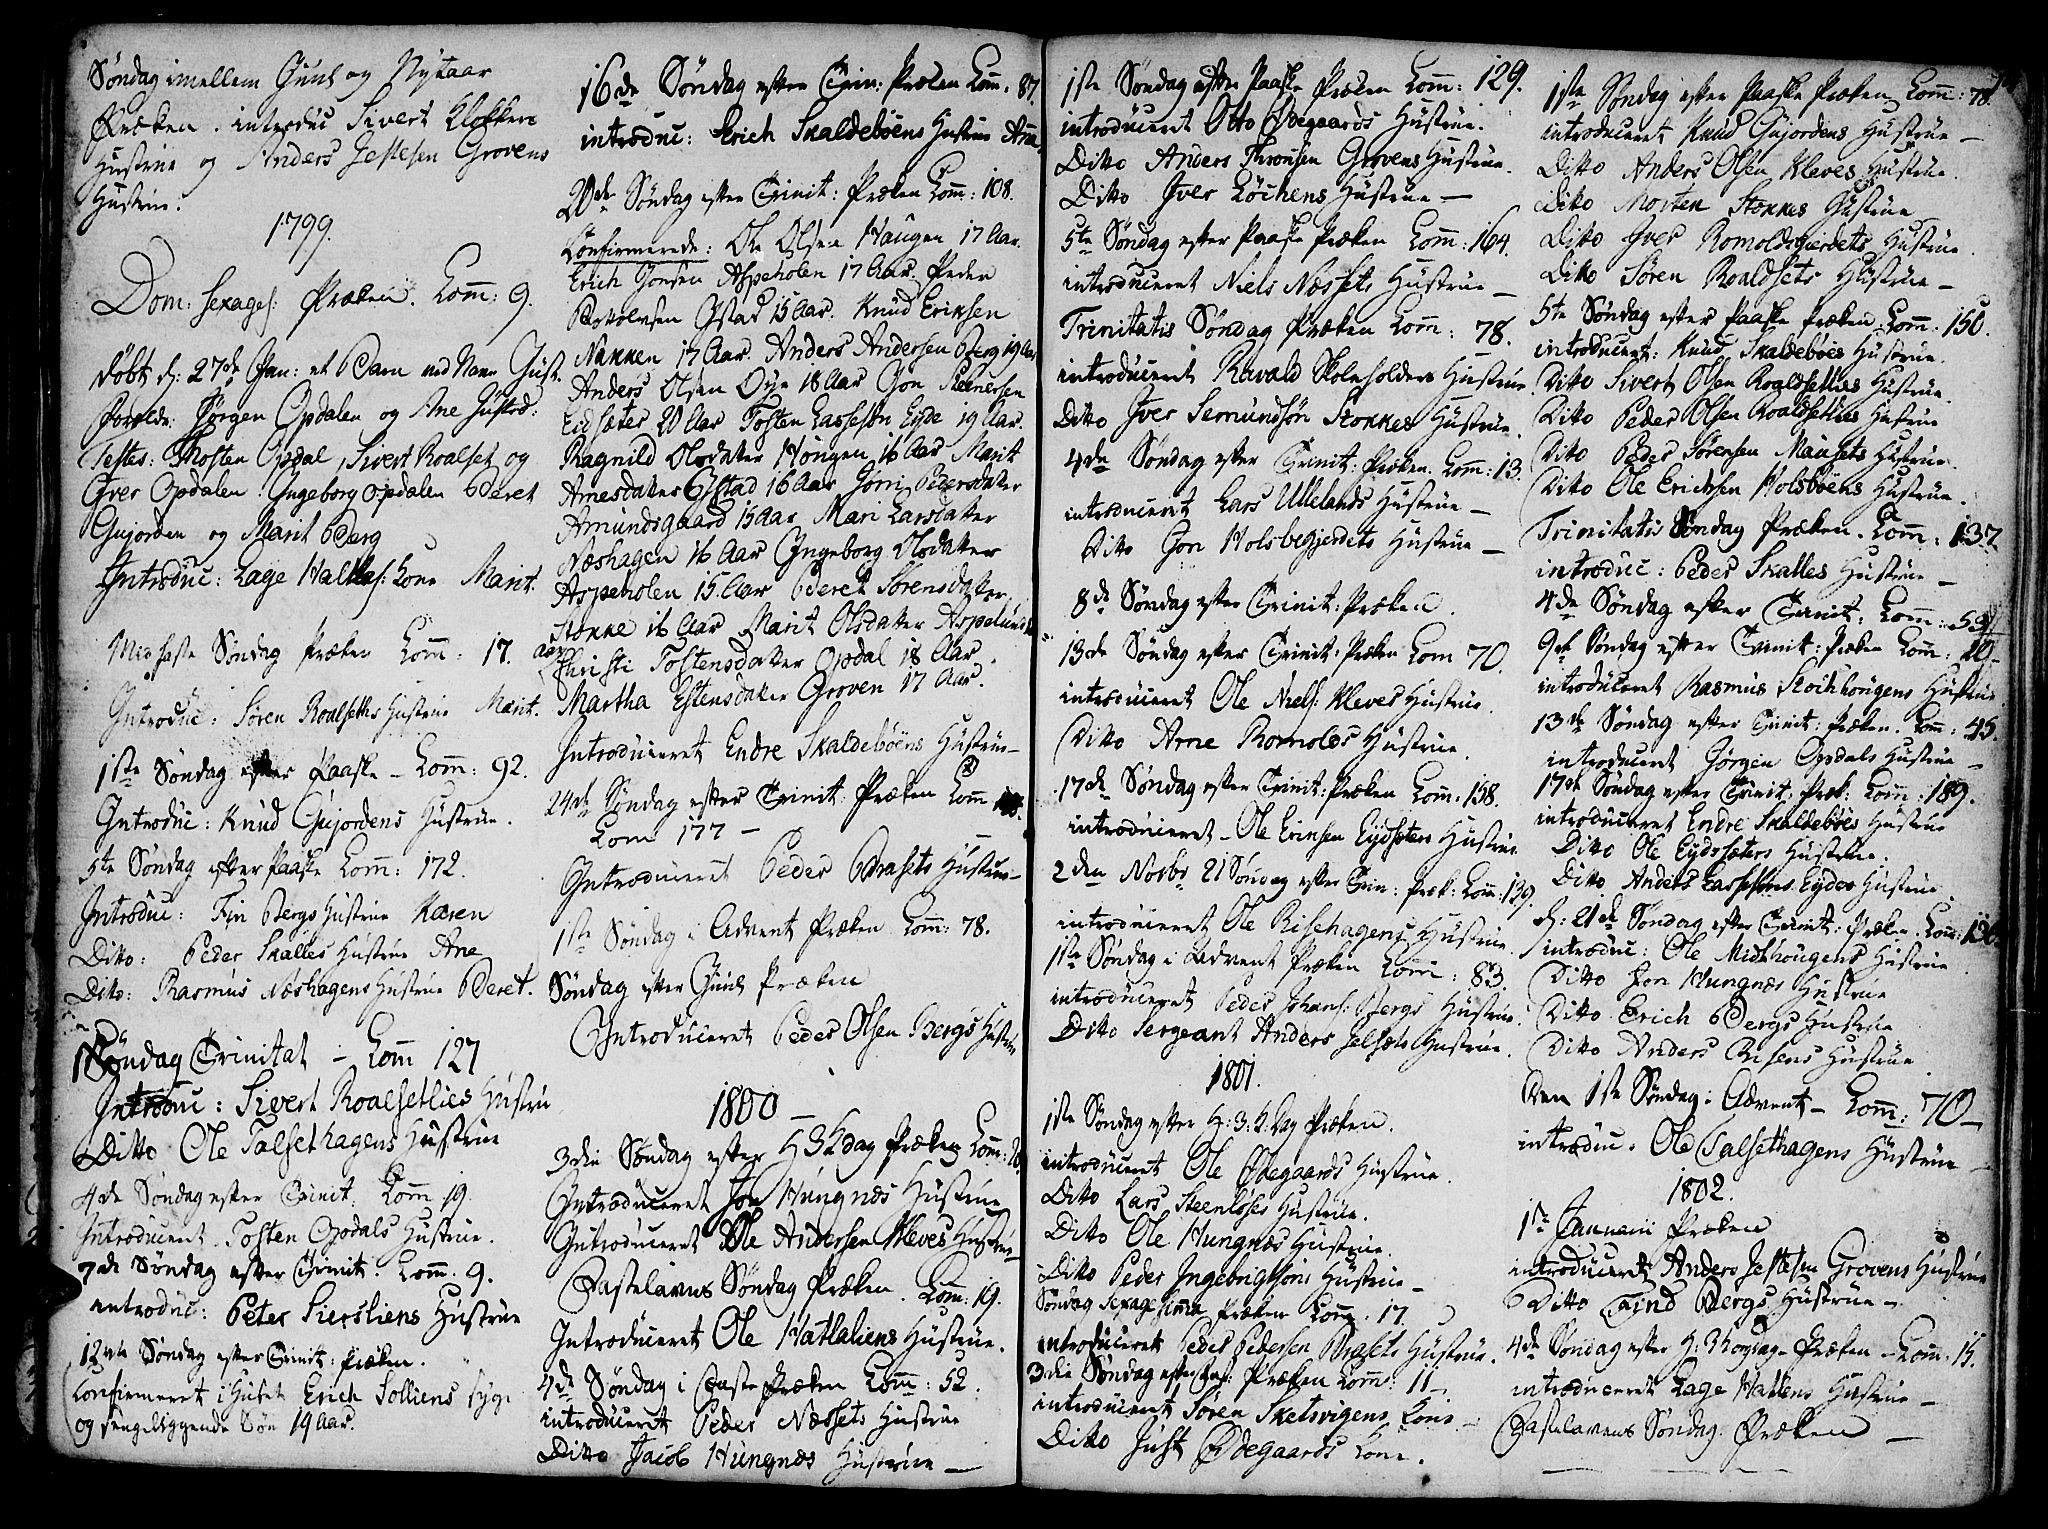 SAT, Ministerialprotokoller, klokkerbøker og fødselsregistre - Møre og Romsdal, 555/L0650: Ministerialbok nr. 555A02 /2, 1798-1821, s. 74